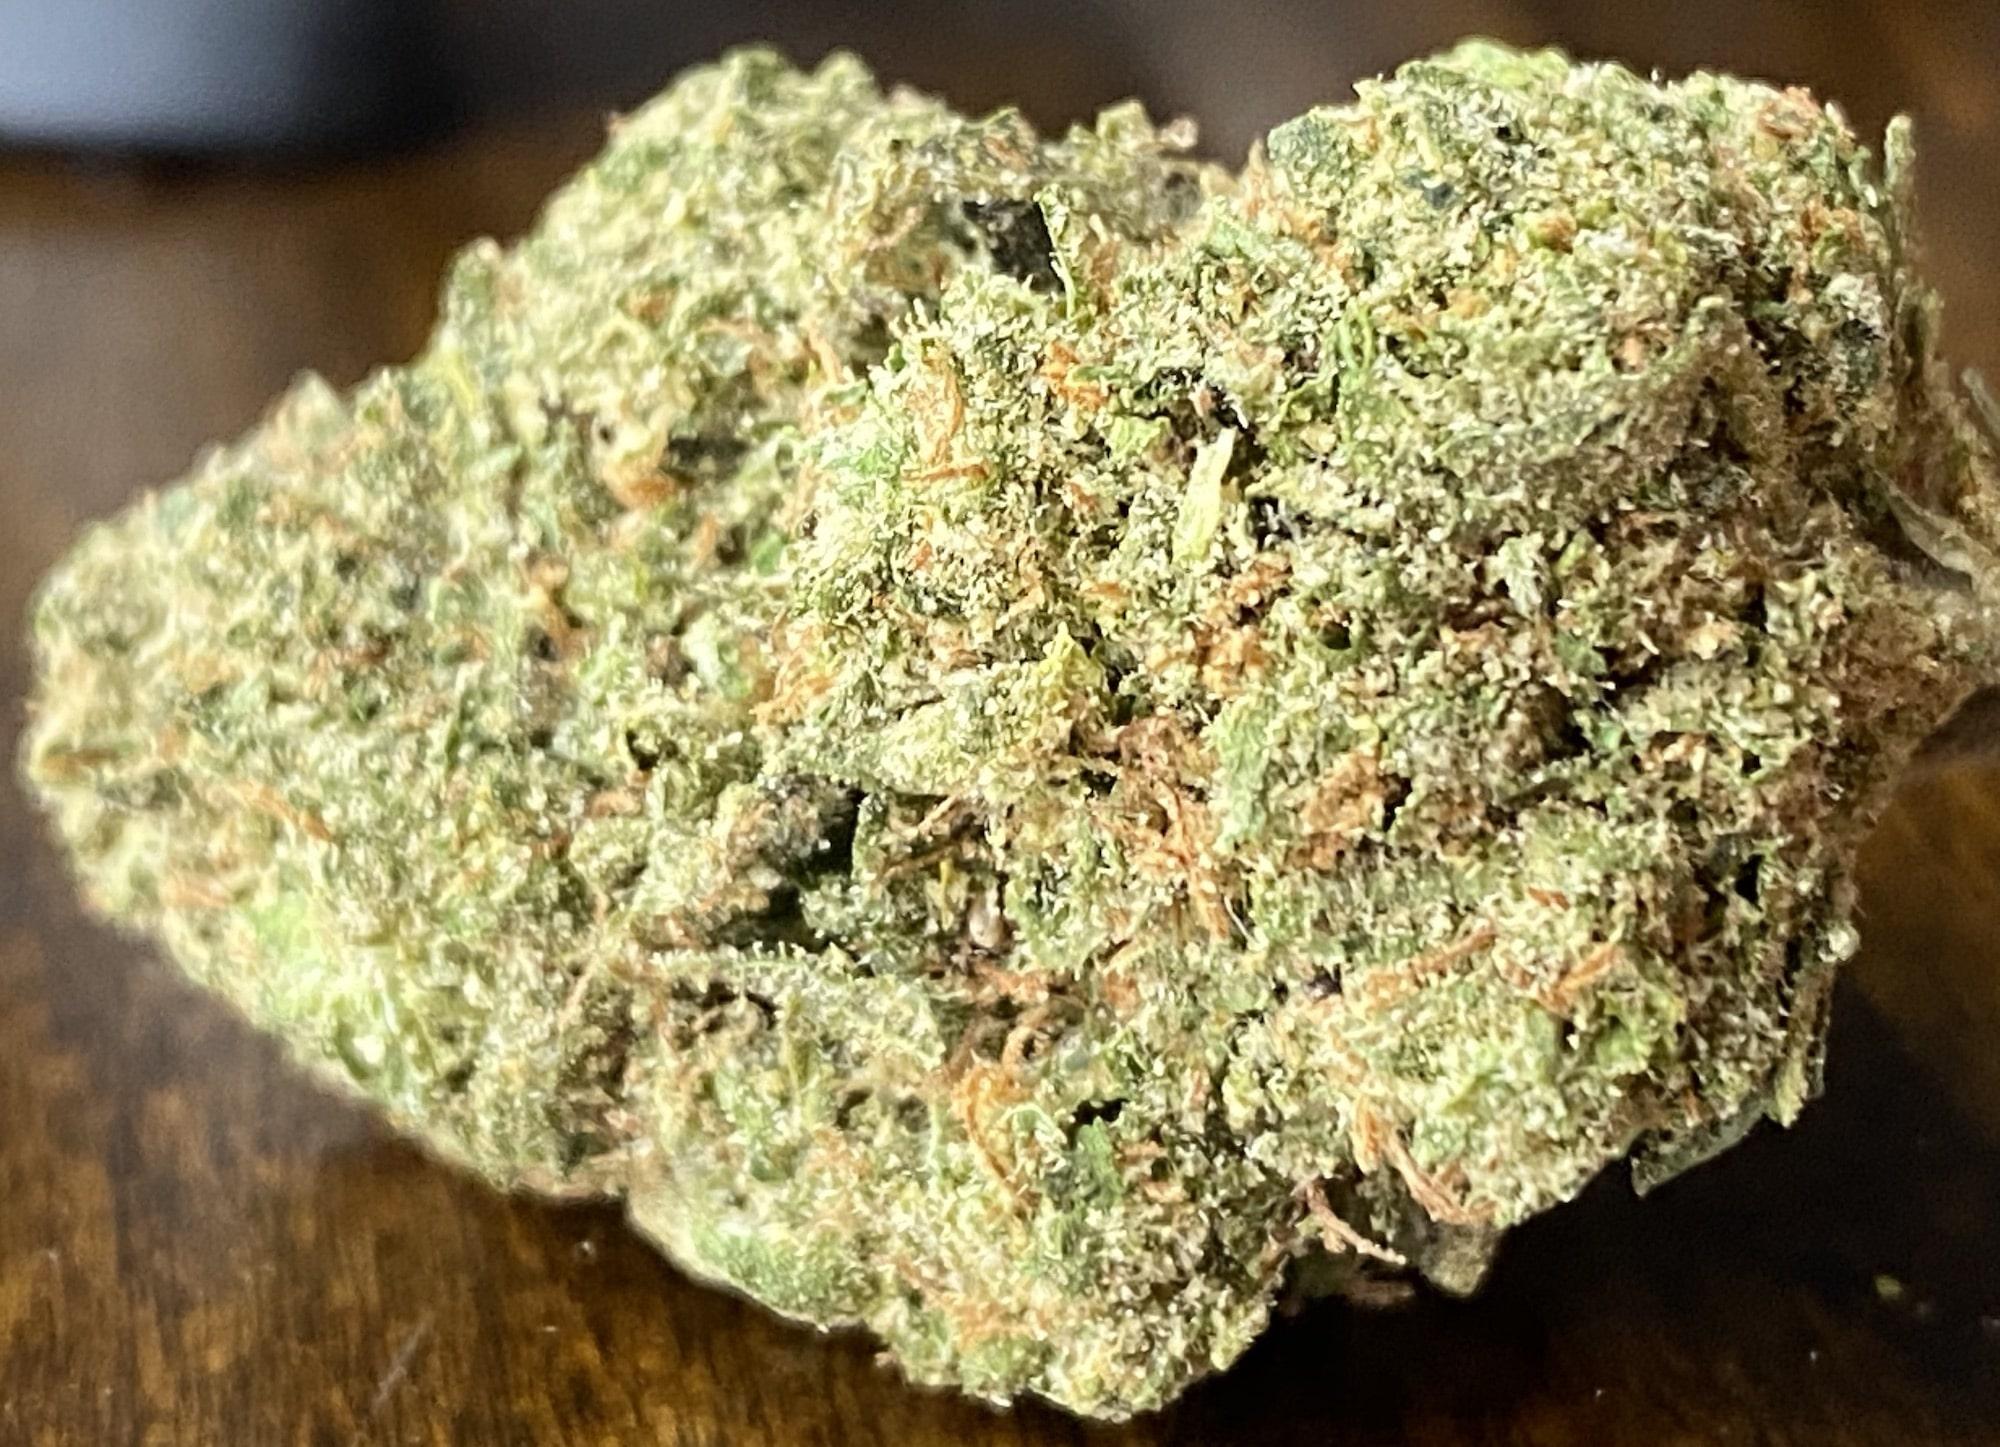 heady club dc mendo breath weed photo